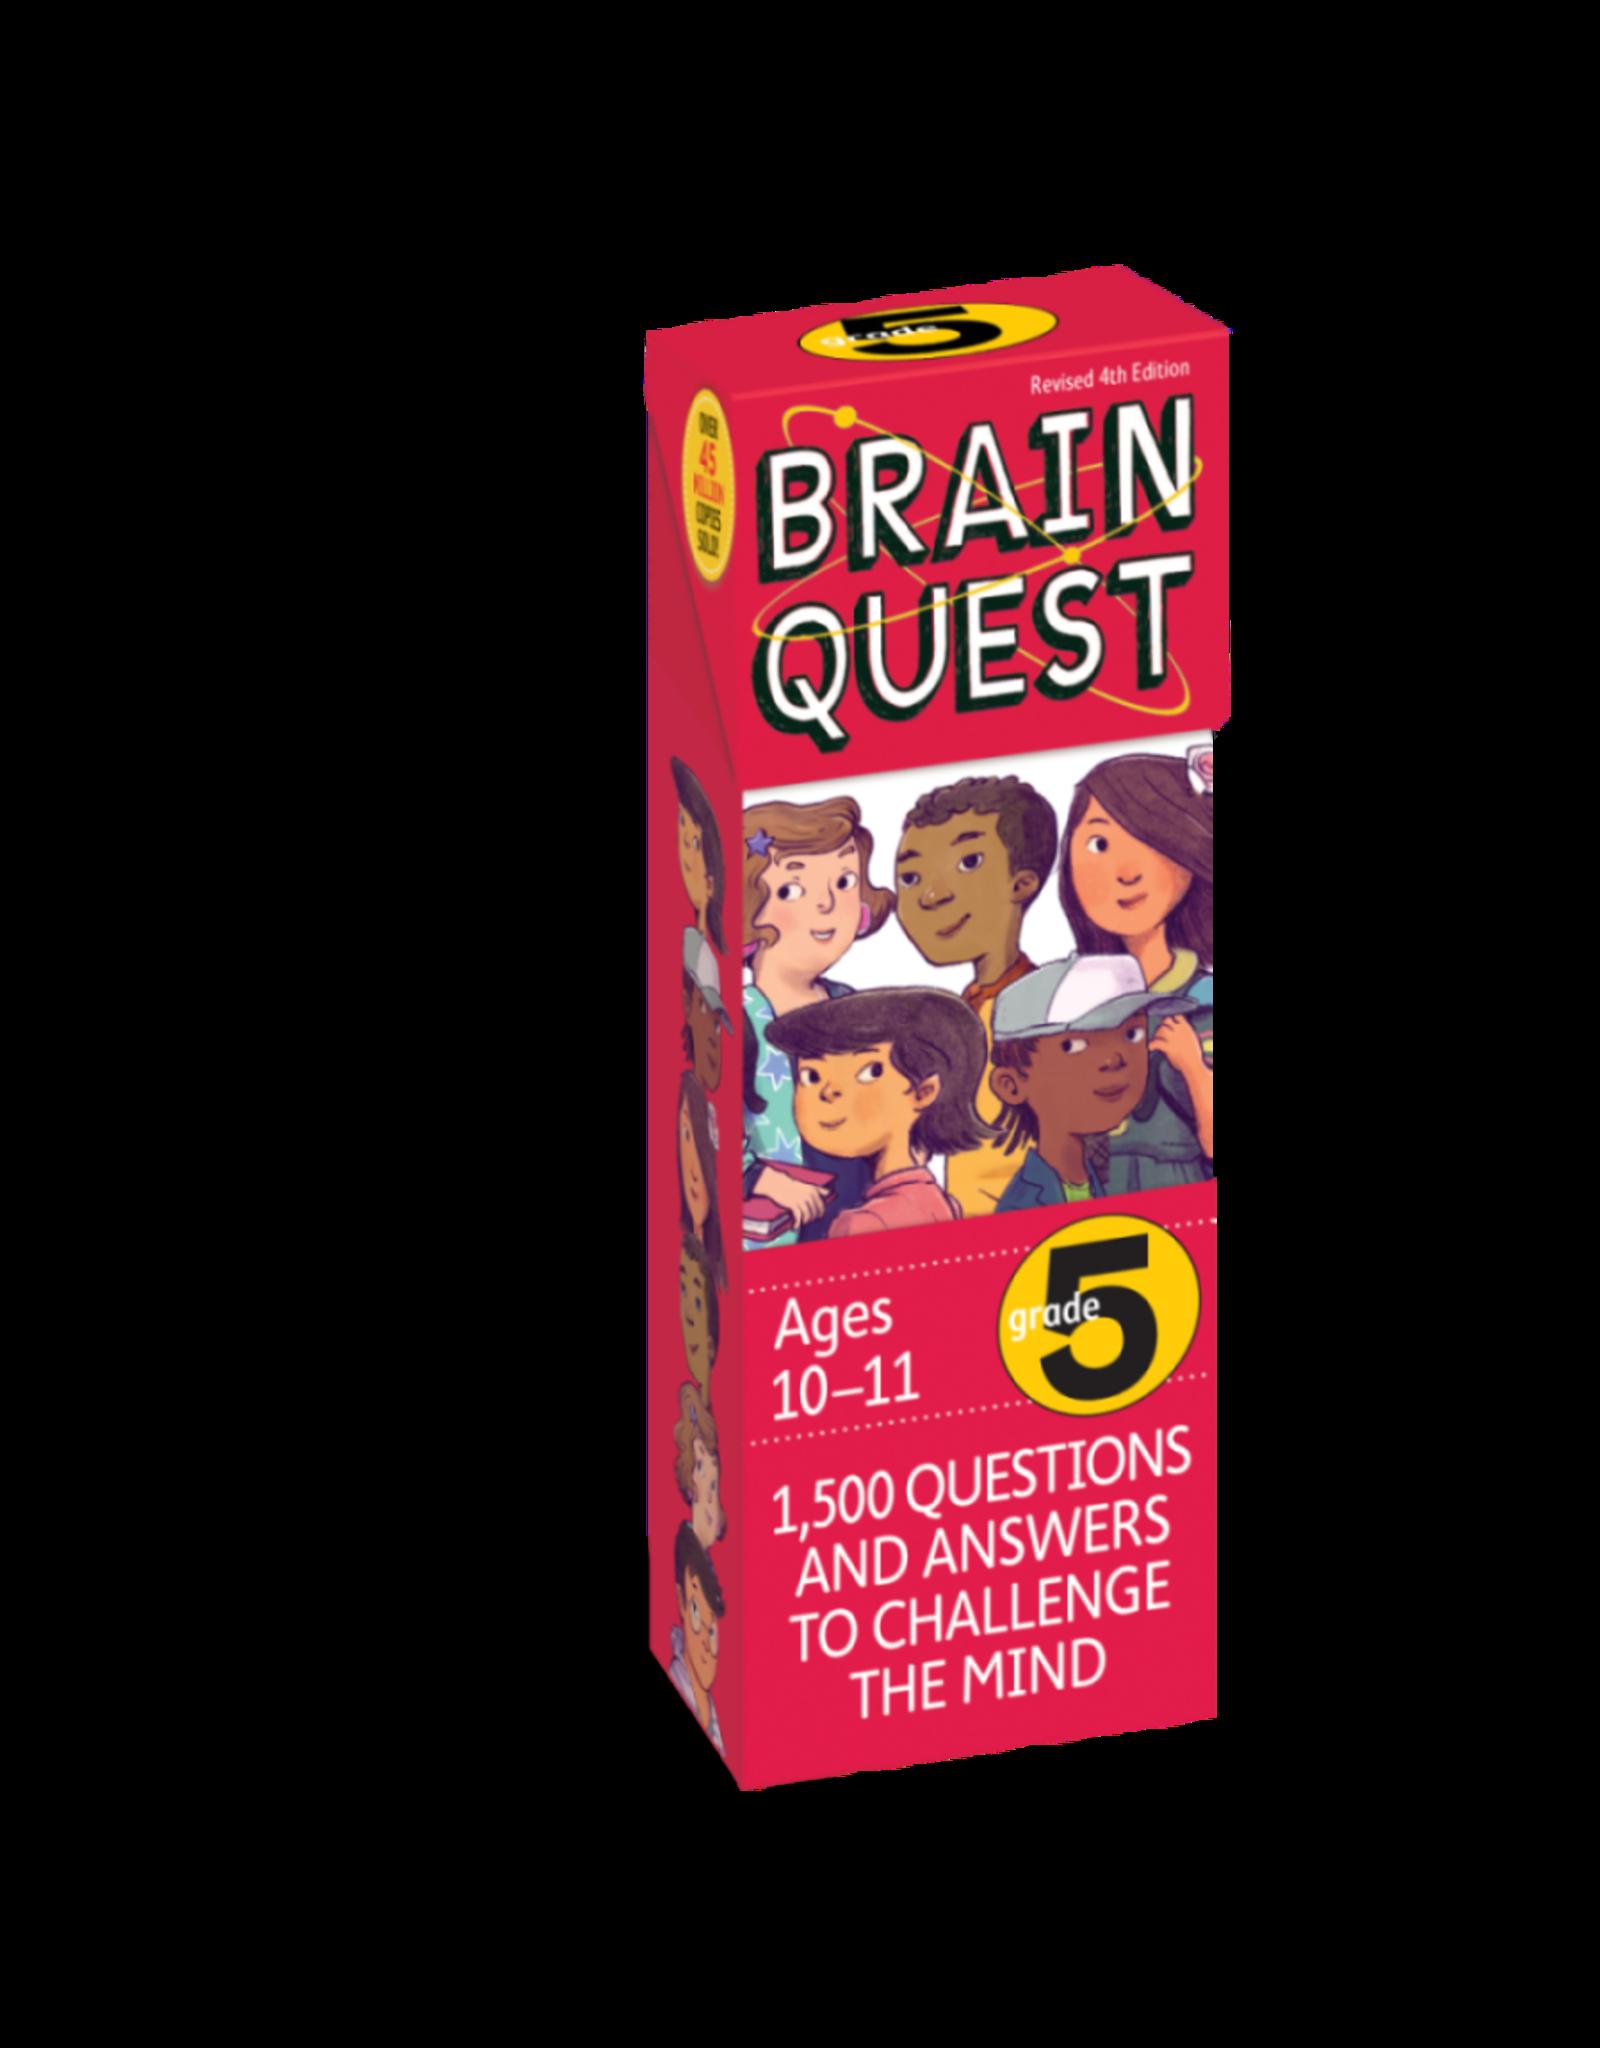 Brain Quest Brain Quest Cards - Grade 5 (Ages 10-11)